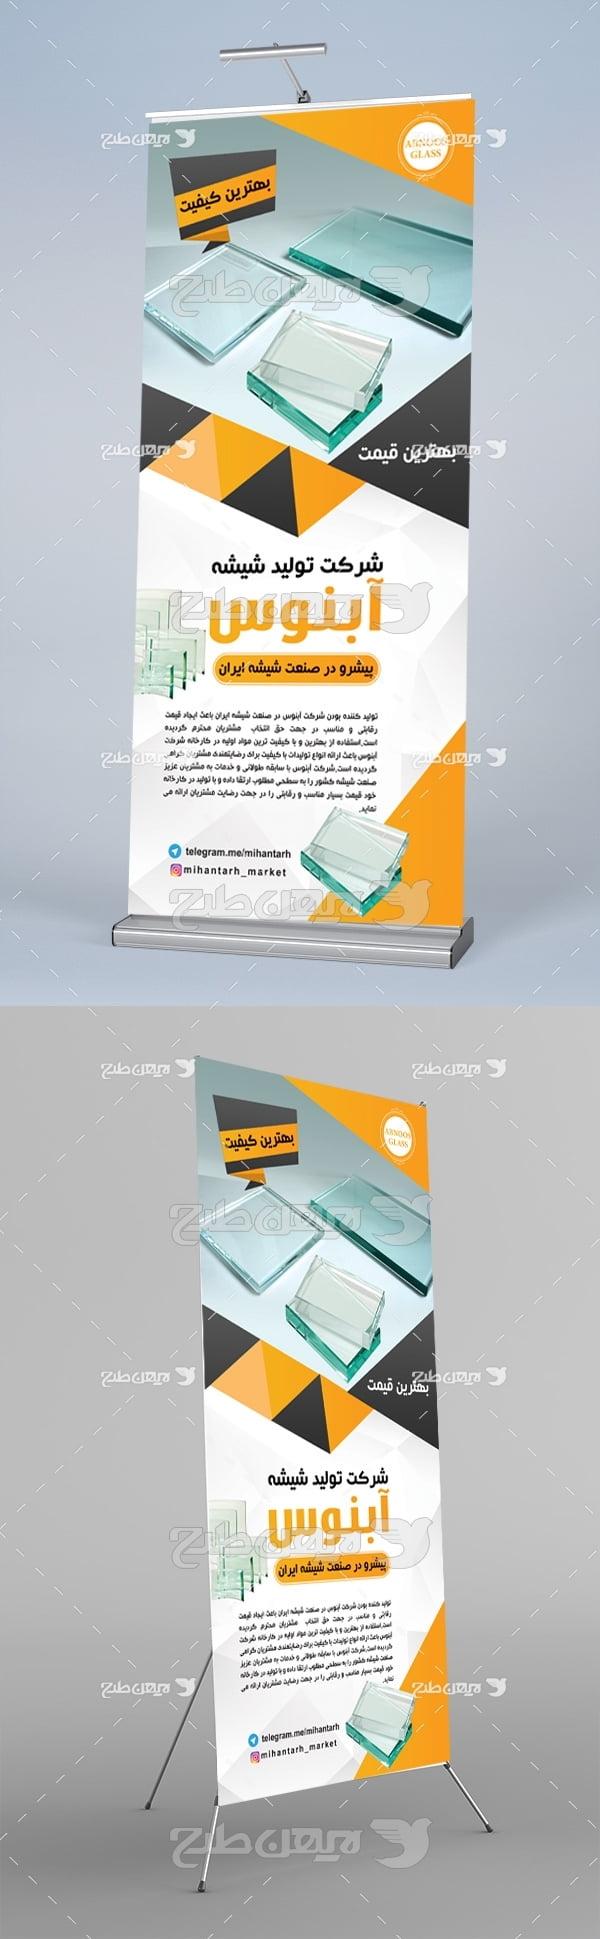 طرح لایه باز استند شرکت تولید شیشه آبنوس